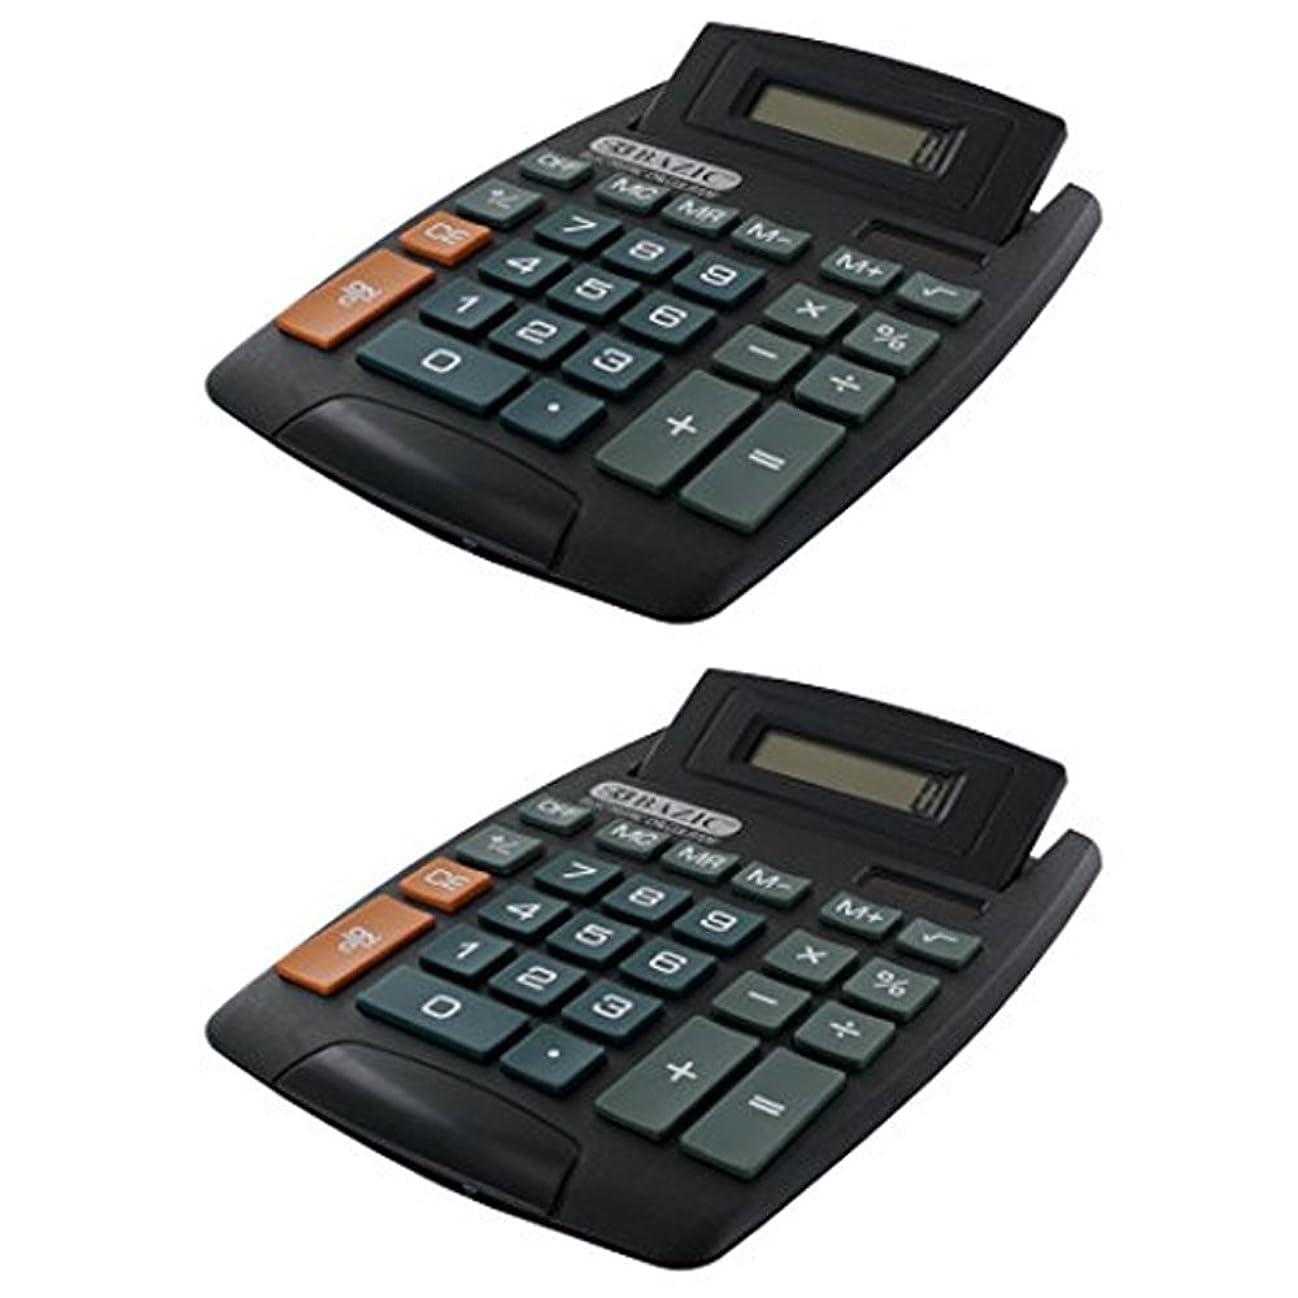 ヘビ申し込むトラフィック2デスクトップ電卓Bazicデスク調整角度調整オフィス学校ホーム8桁表示